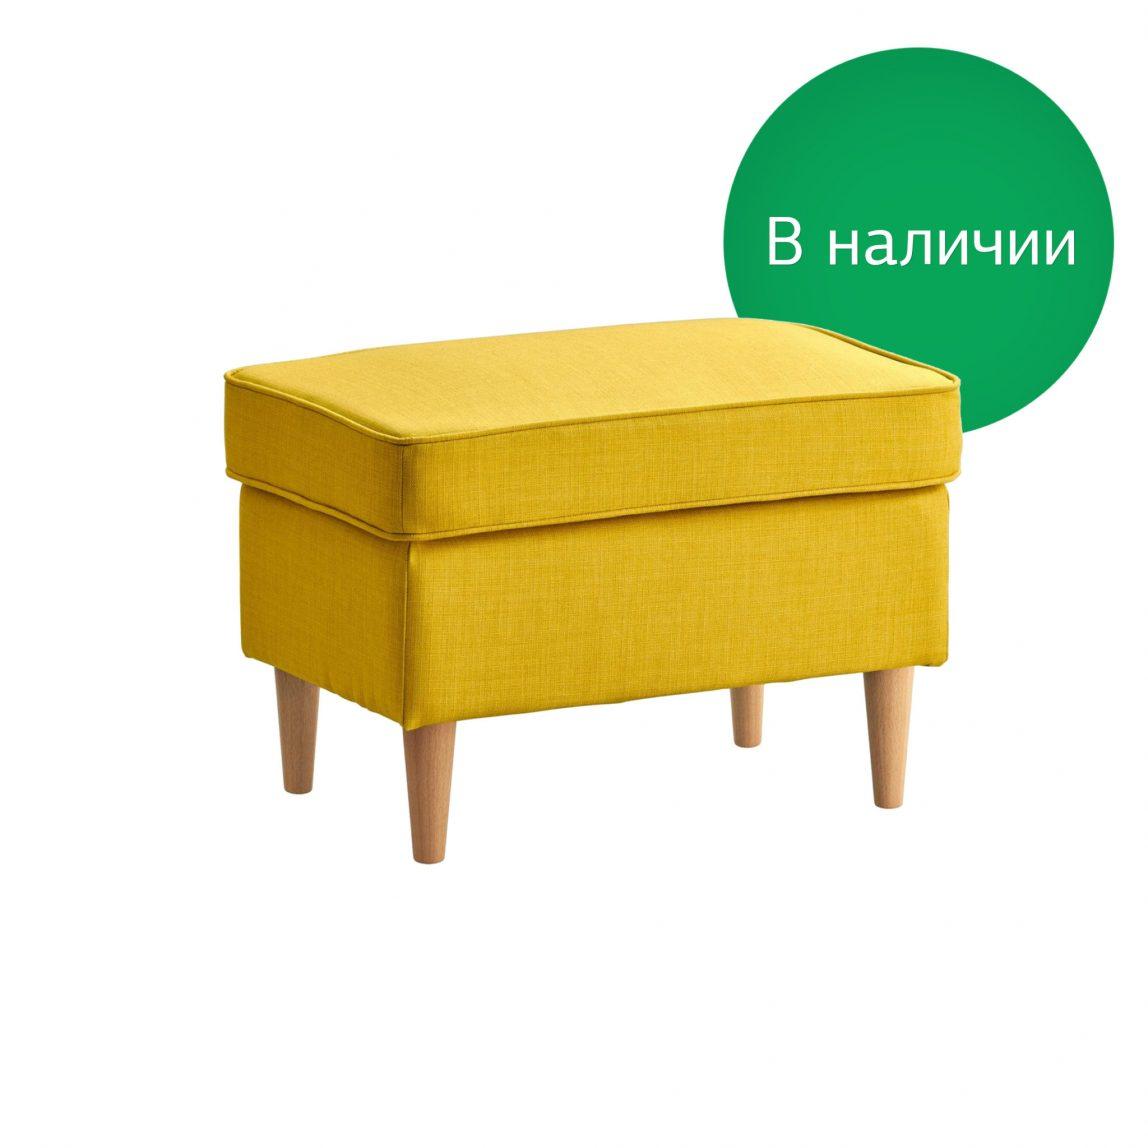 Желтая банкетка в скандинавском стиле Торн